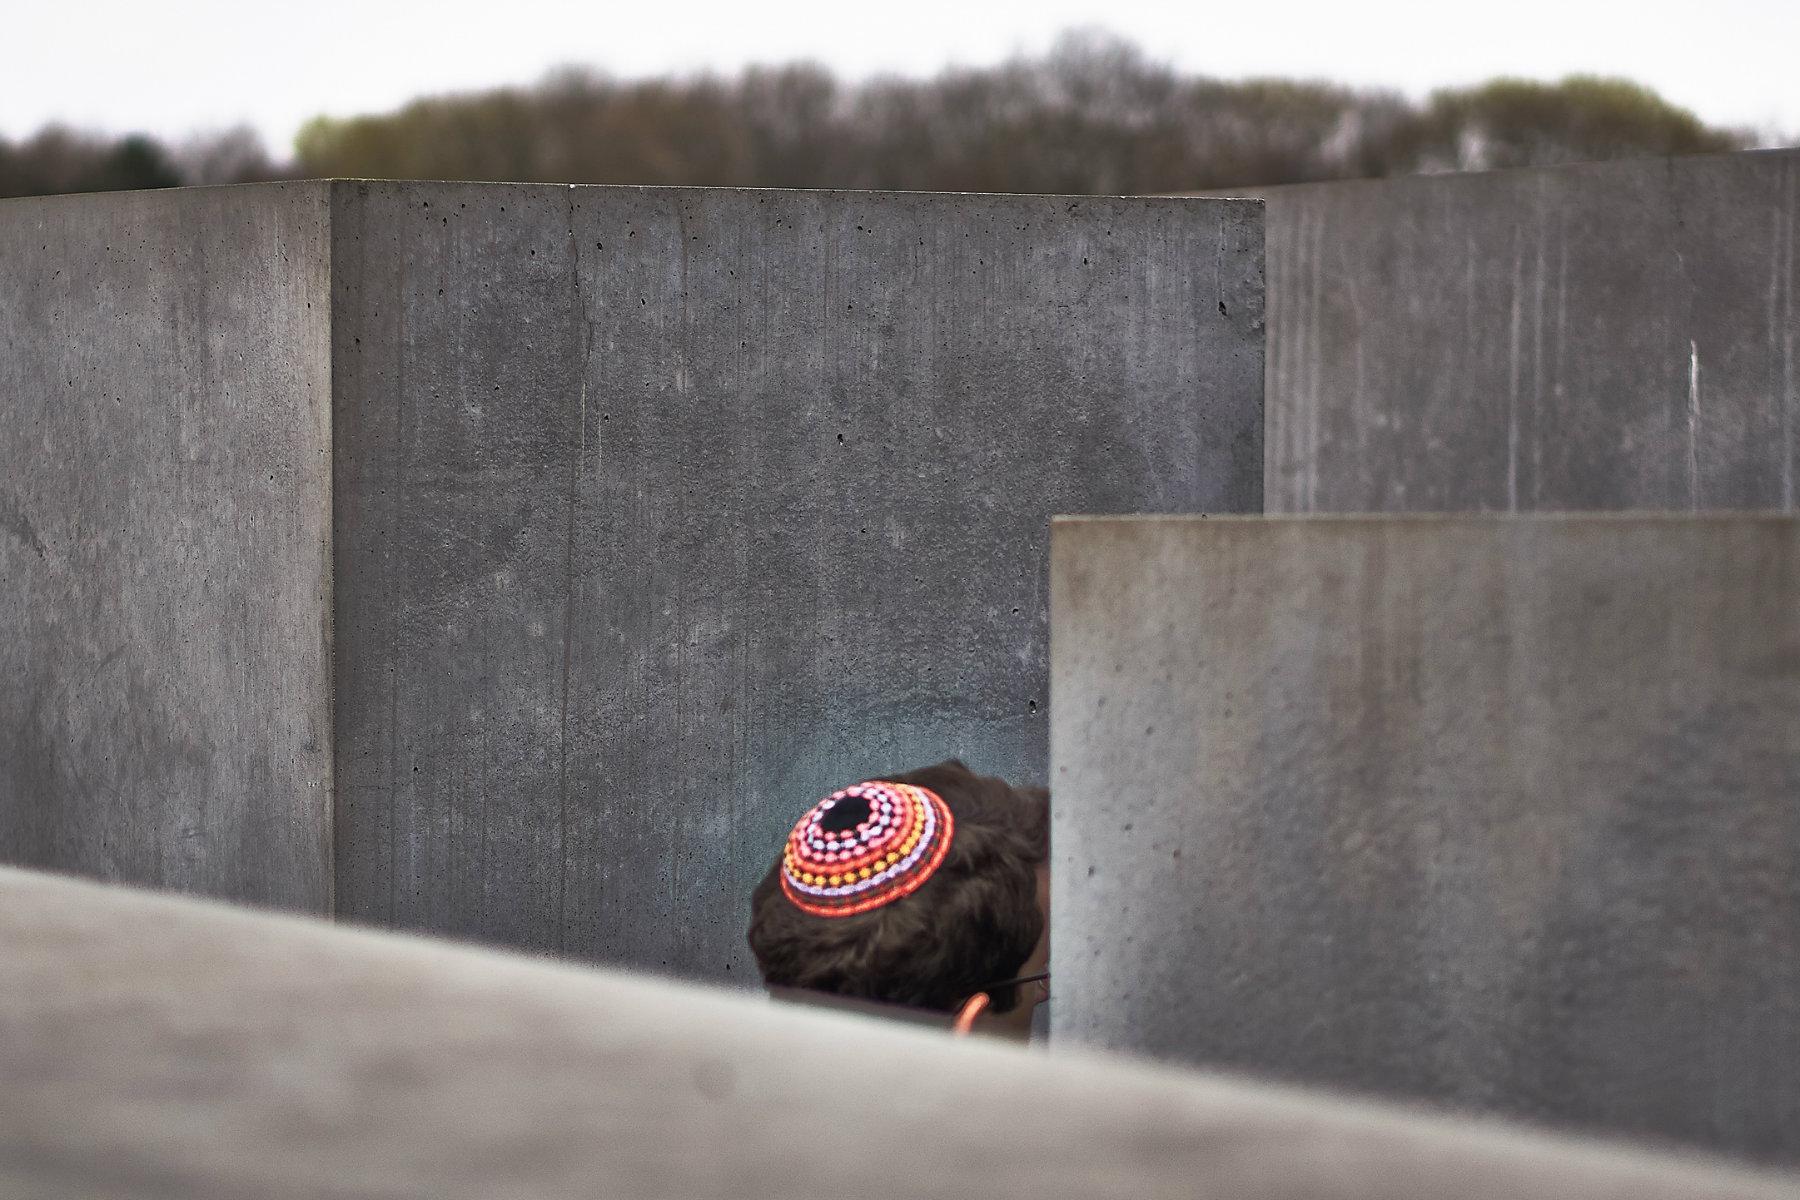 Muž s kippou prochází berlínským Památníkem holocaustu. V některých čtvrtích města ale Židé svou identitu raději skrývají